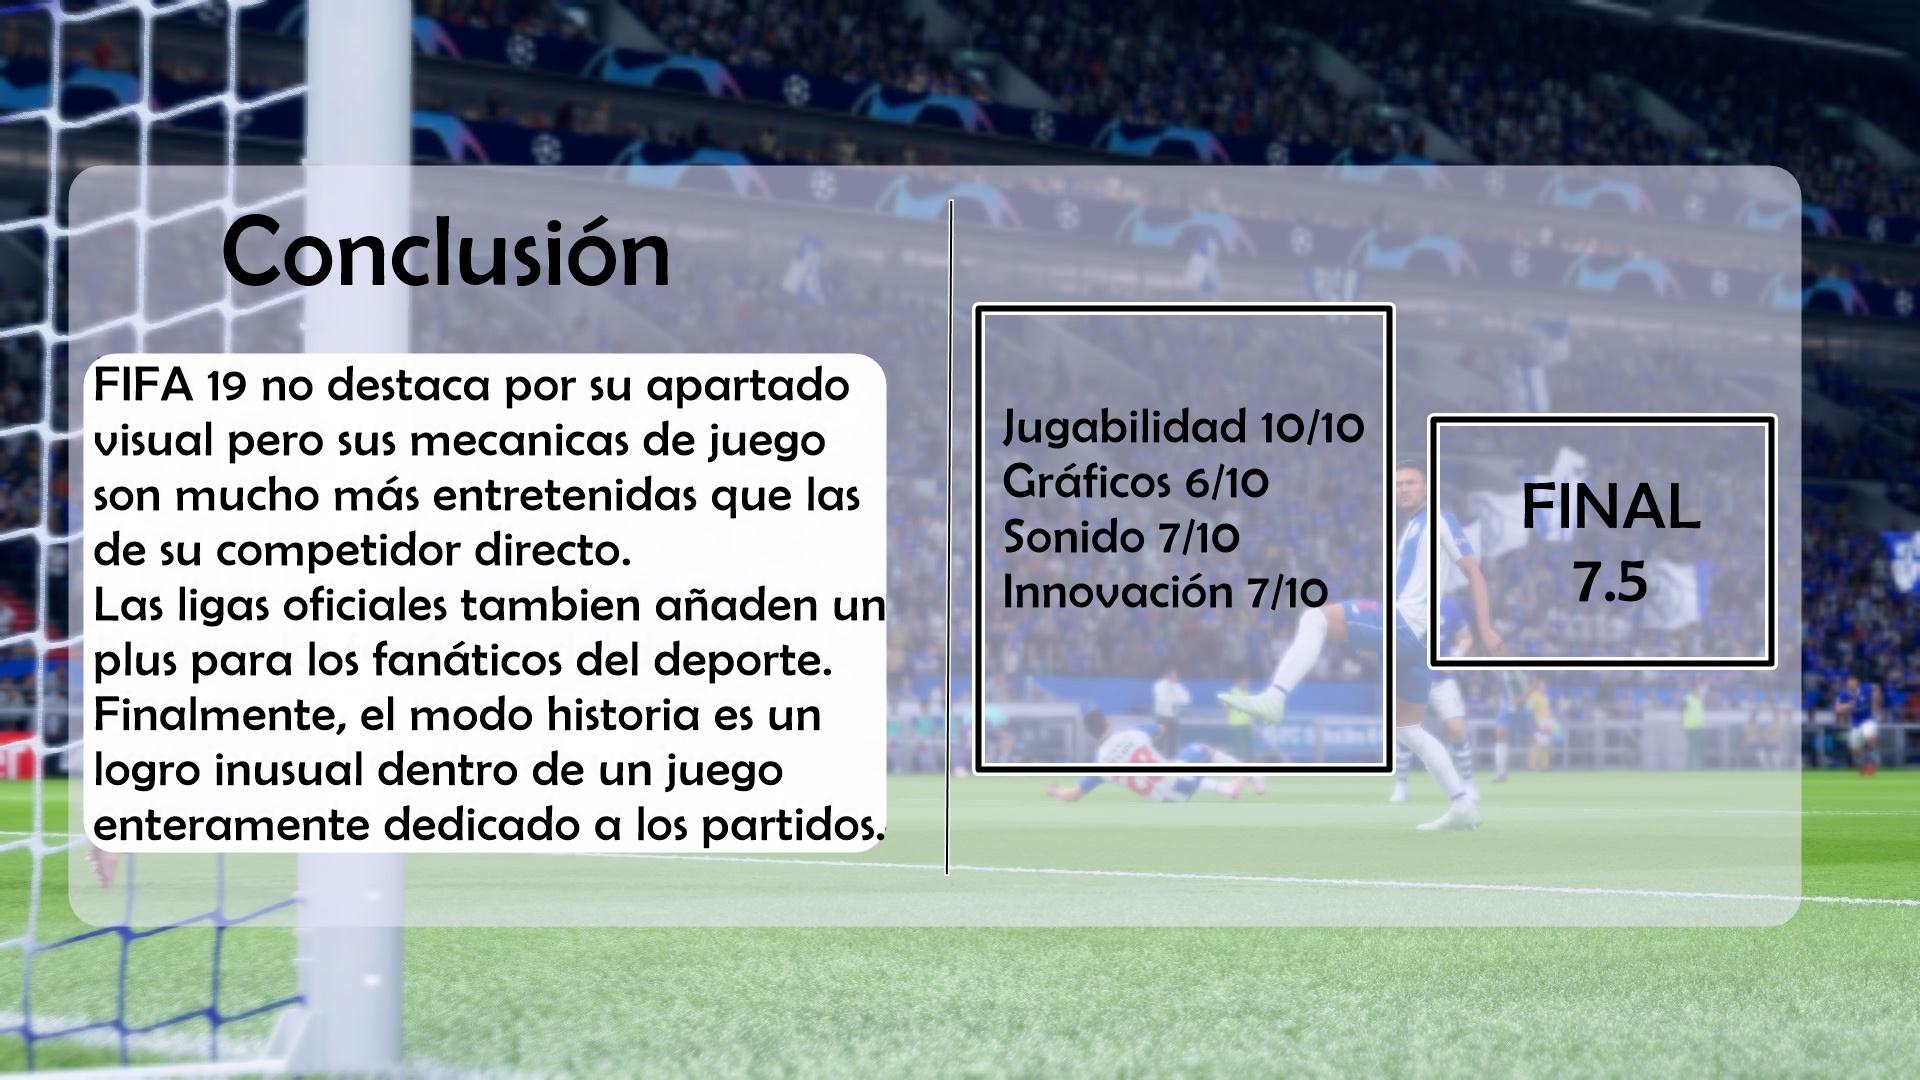 fifa-conclusion2